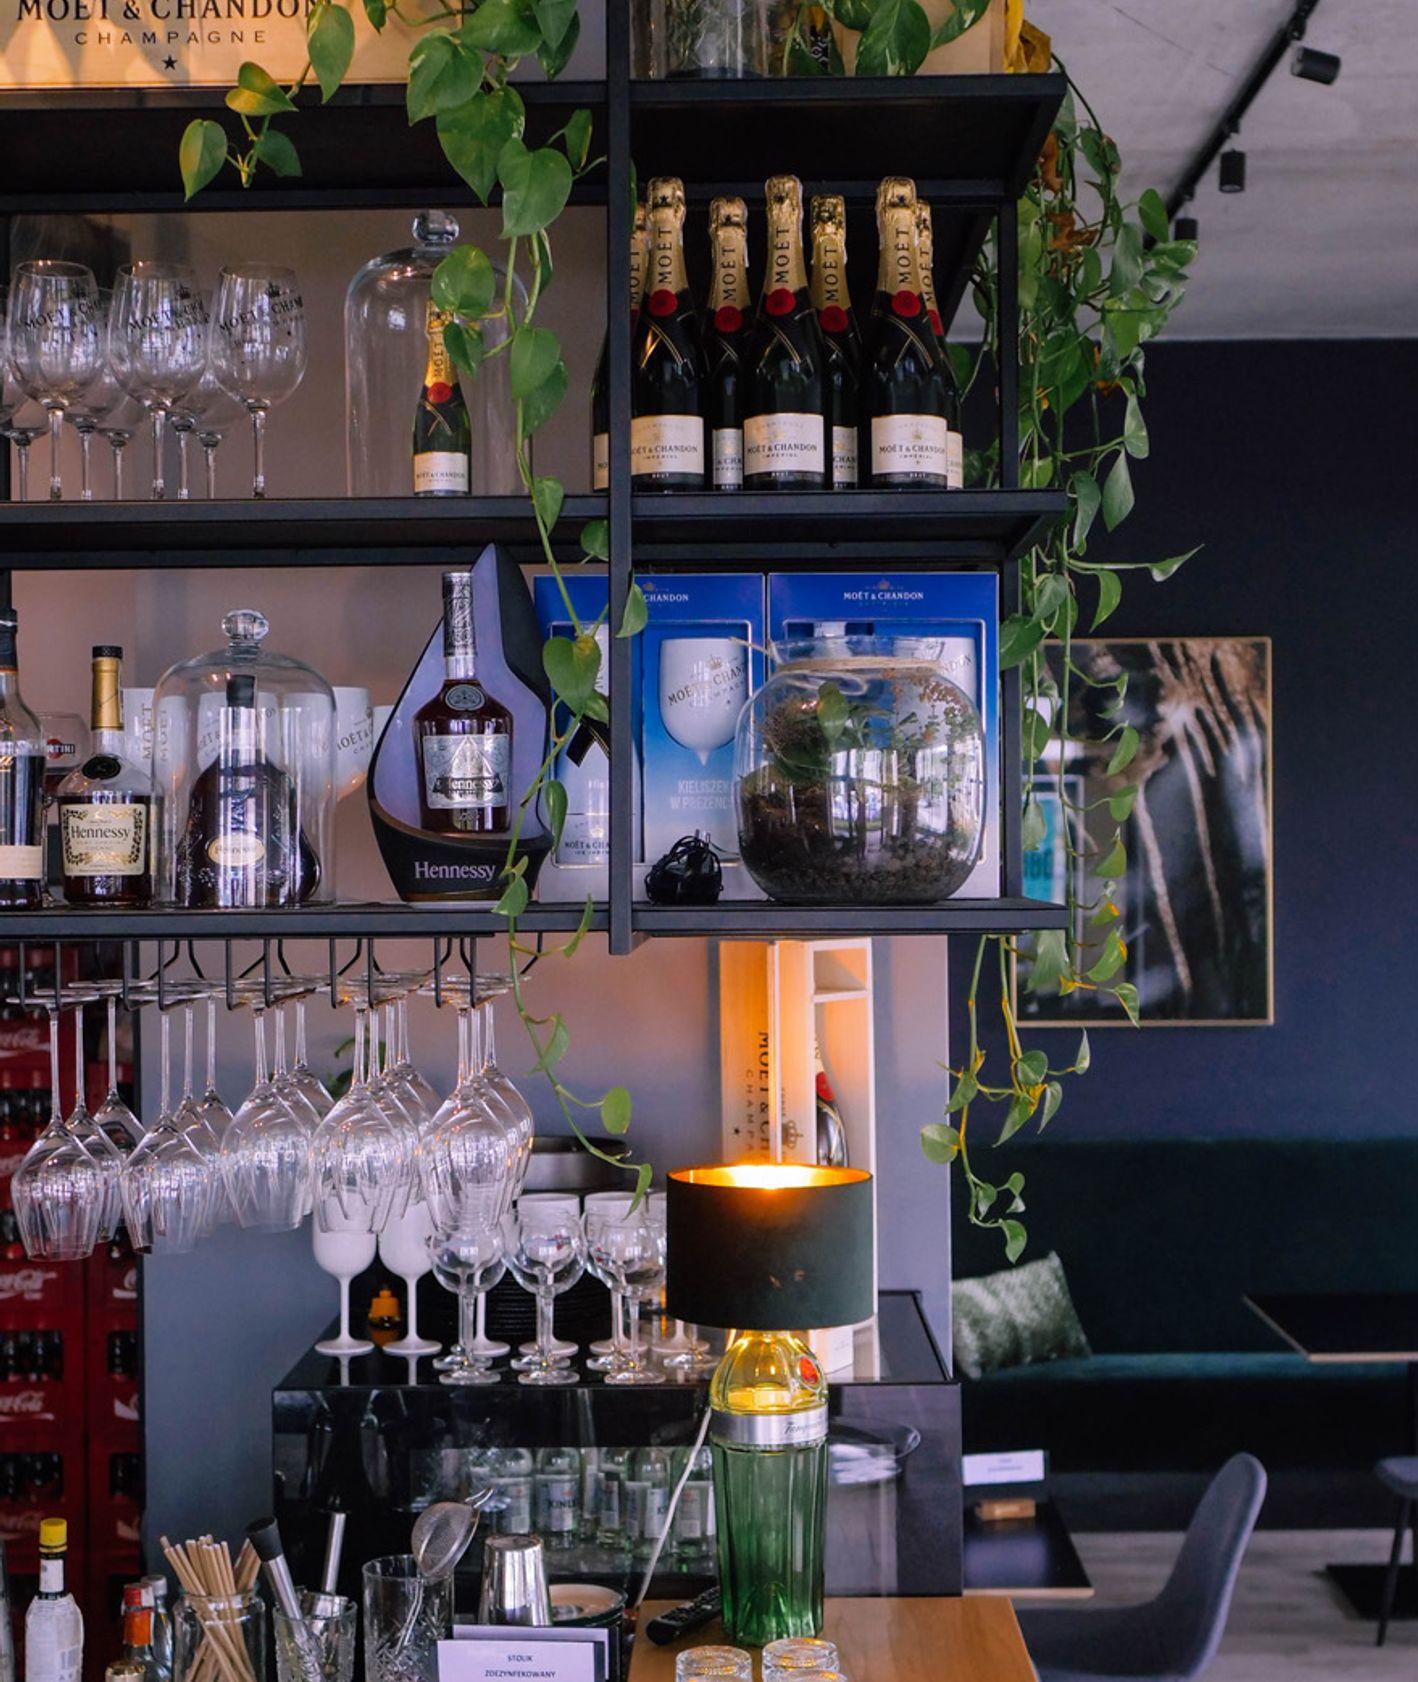 Wnętrze restauracji Obfitość, Poznań (fot. Bartek Zwiefka)